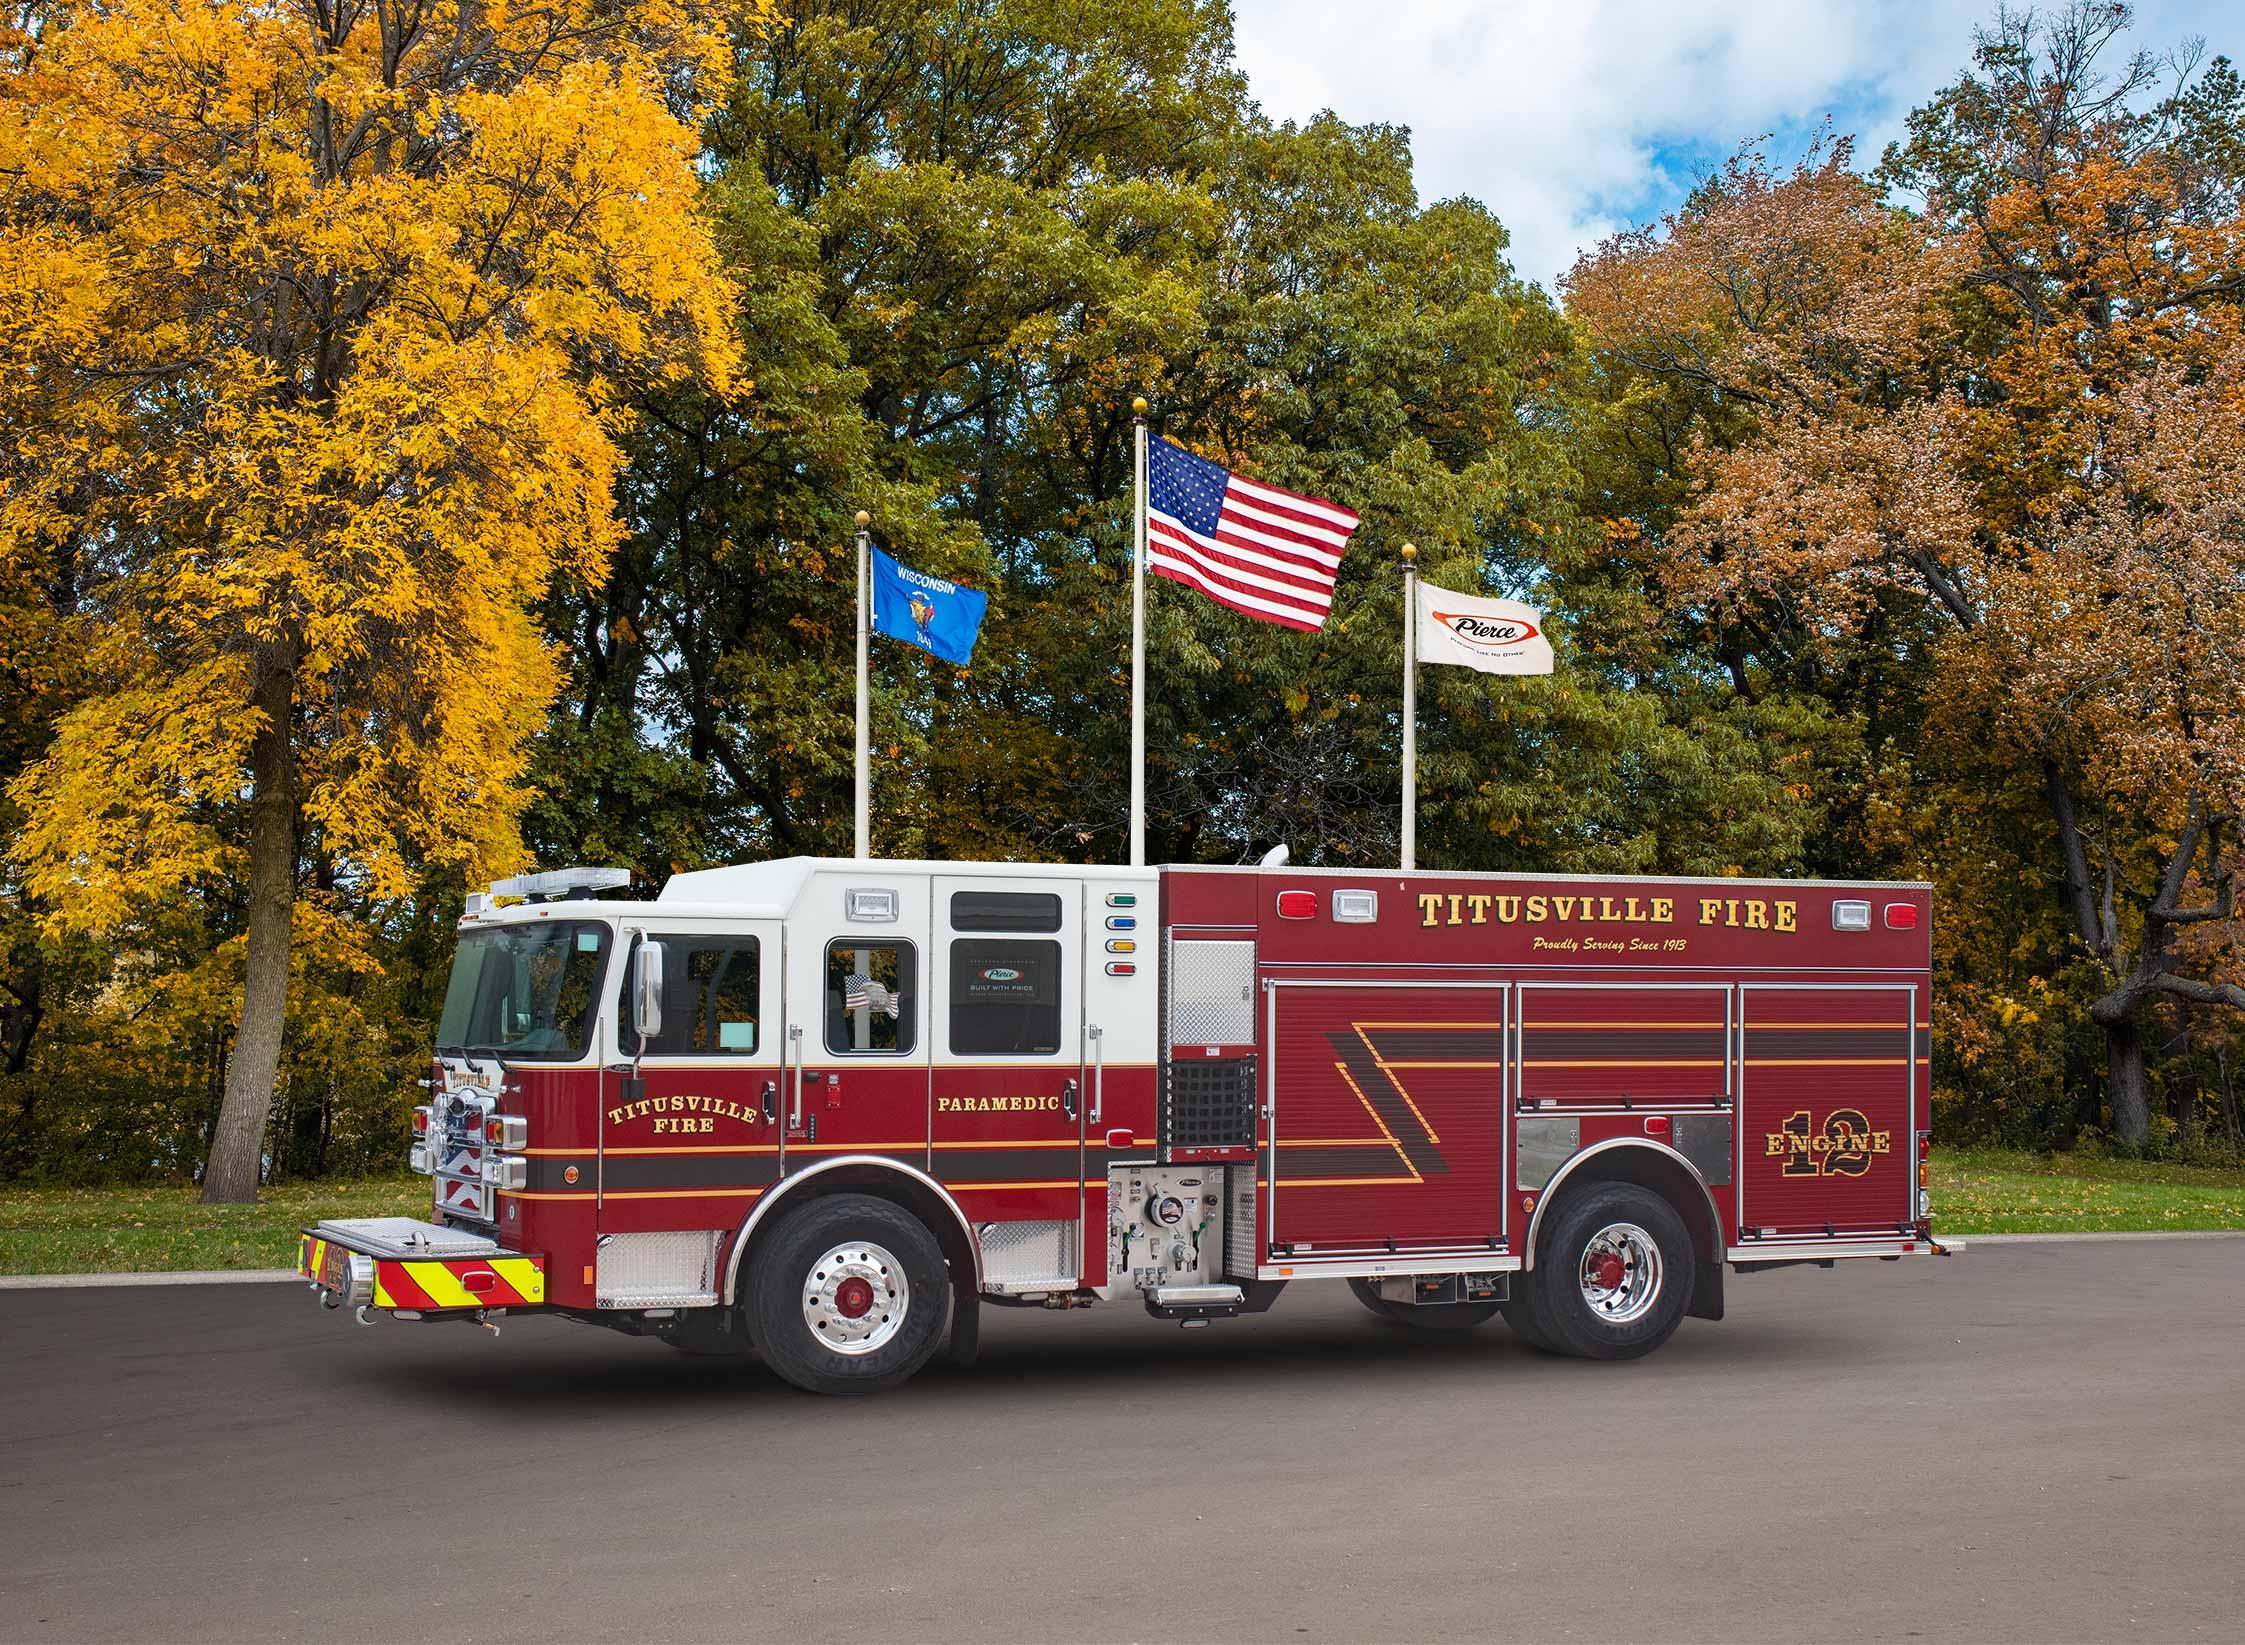 Titusville Fire Department - Pumper